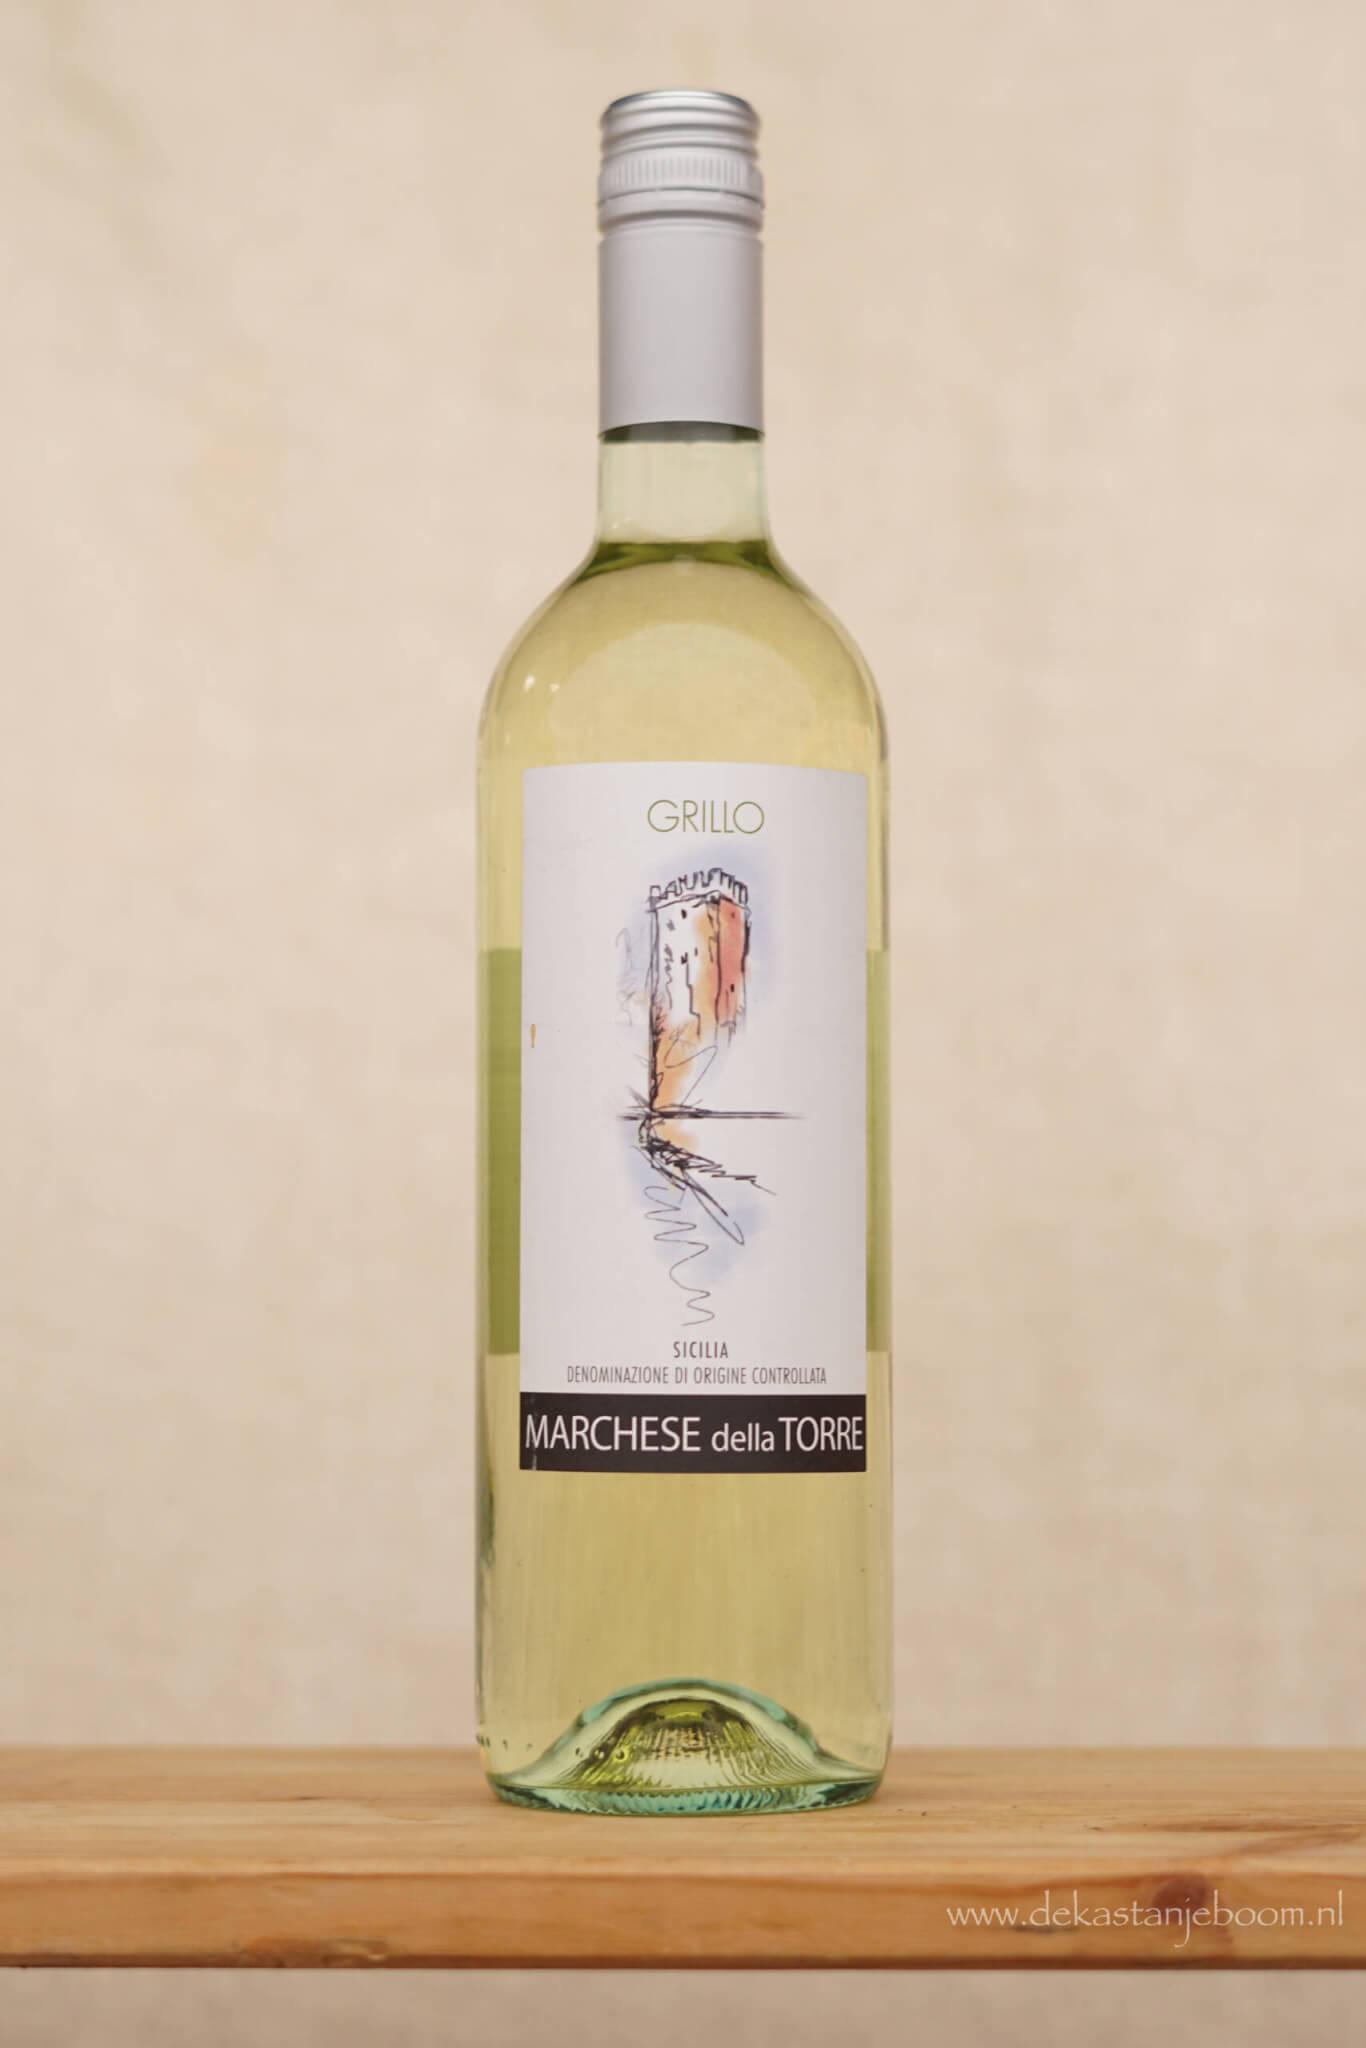 Grillo marchese della Torre wijn